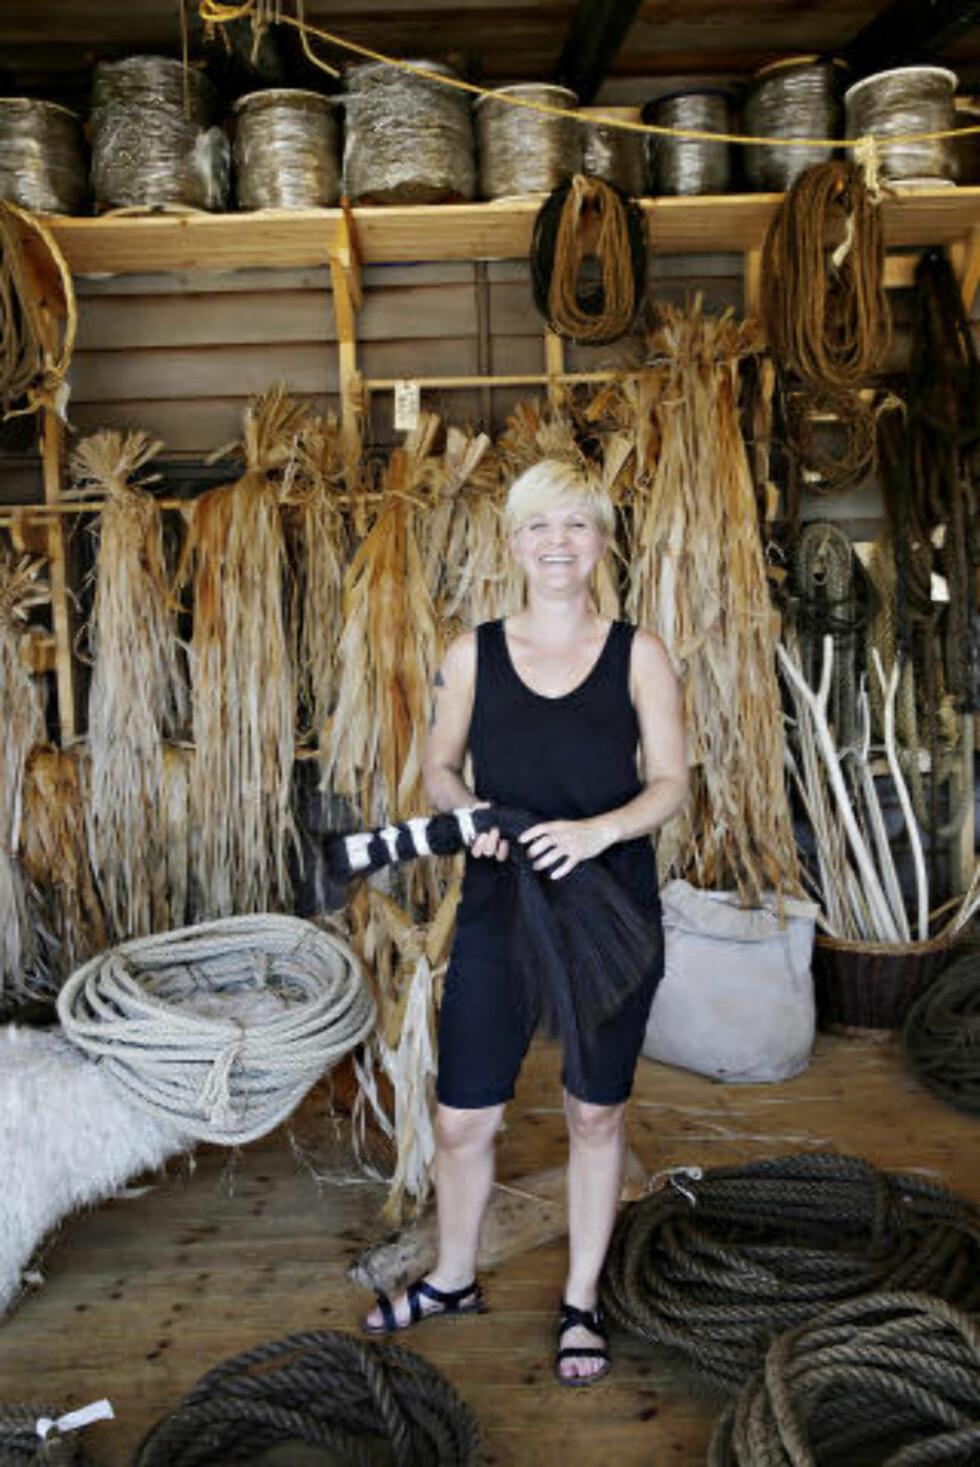 FOODIE: Museumsinspektør Louise Kæmpe Henriksen, kan takke sin matinteresse for at museet når gjør suksess med ny nordisk vikingmat. Foto: KRISTIAN RIDDER-NIELSEN